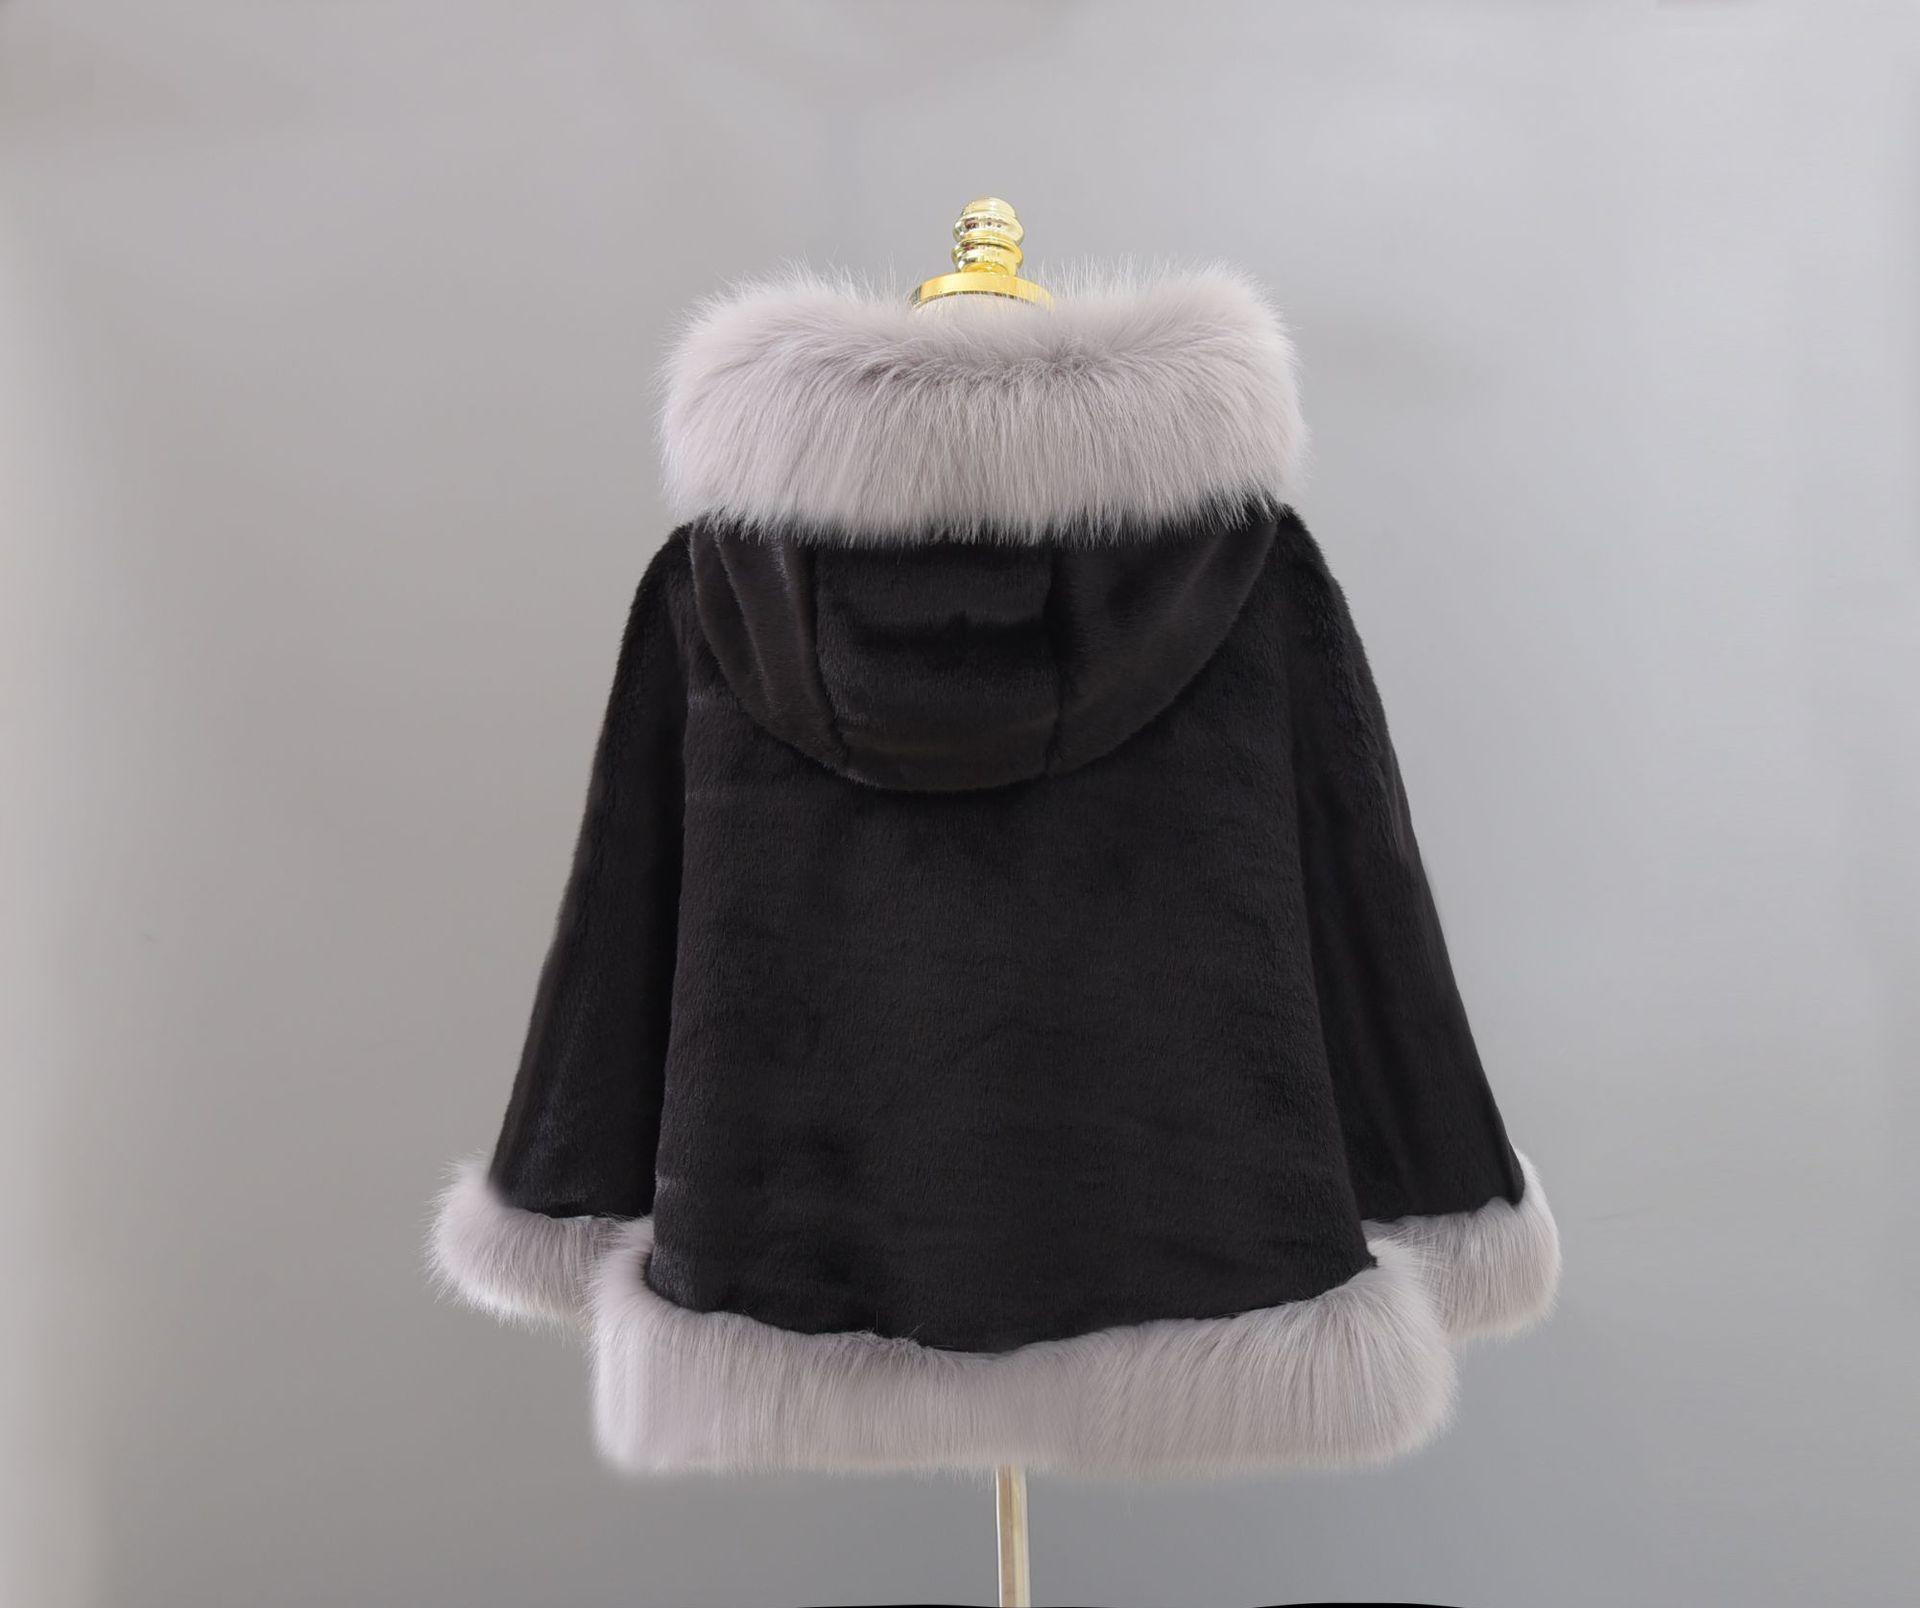 2018 nouvelle mode fausse fourrure châle gilet manteau châle dames manteaux d'hiver pour les femmes style vintage châle manteau femme manteau de laine